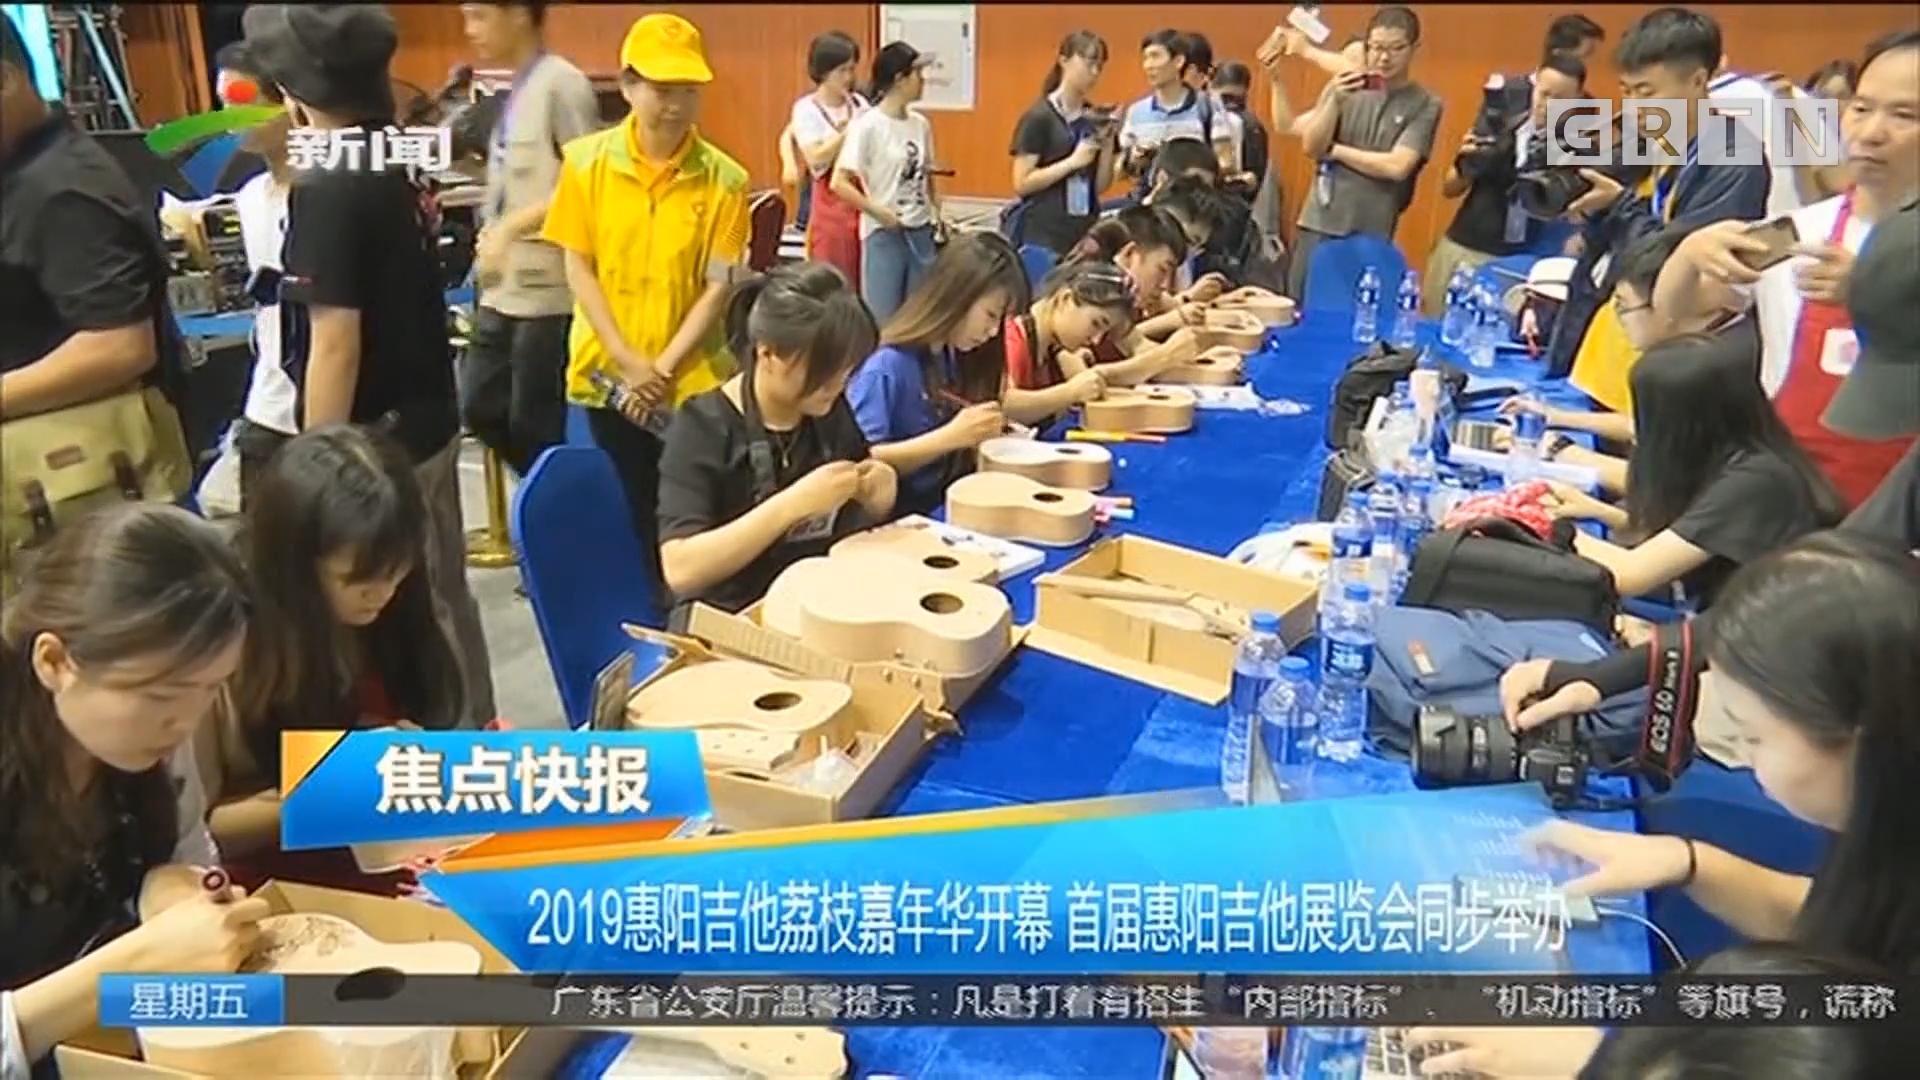 2019惠阳吉他荔枝嘉年华开幕 首届惠阳吉他展览会同步举办